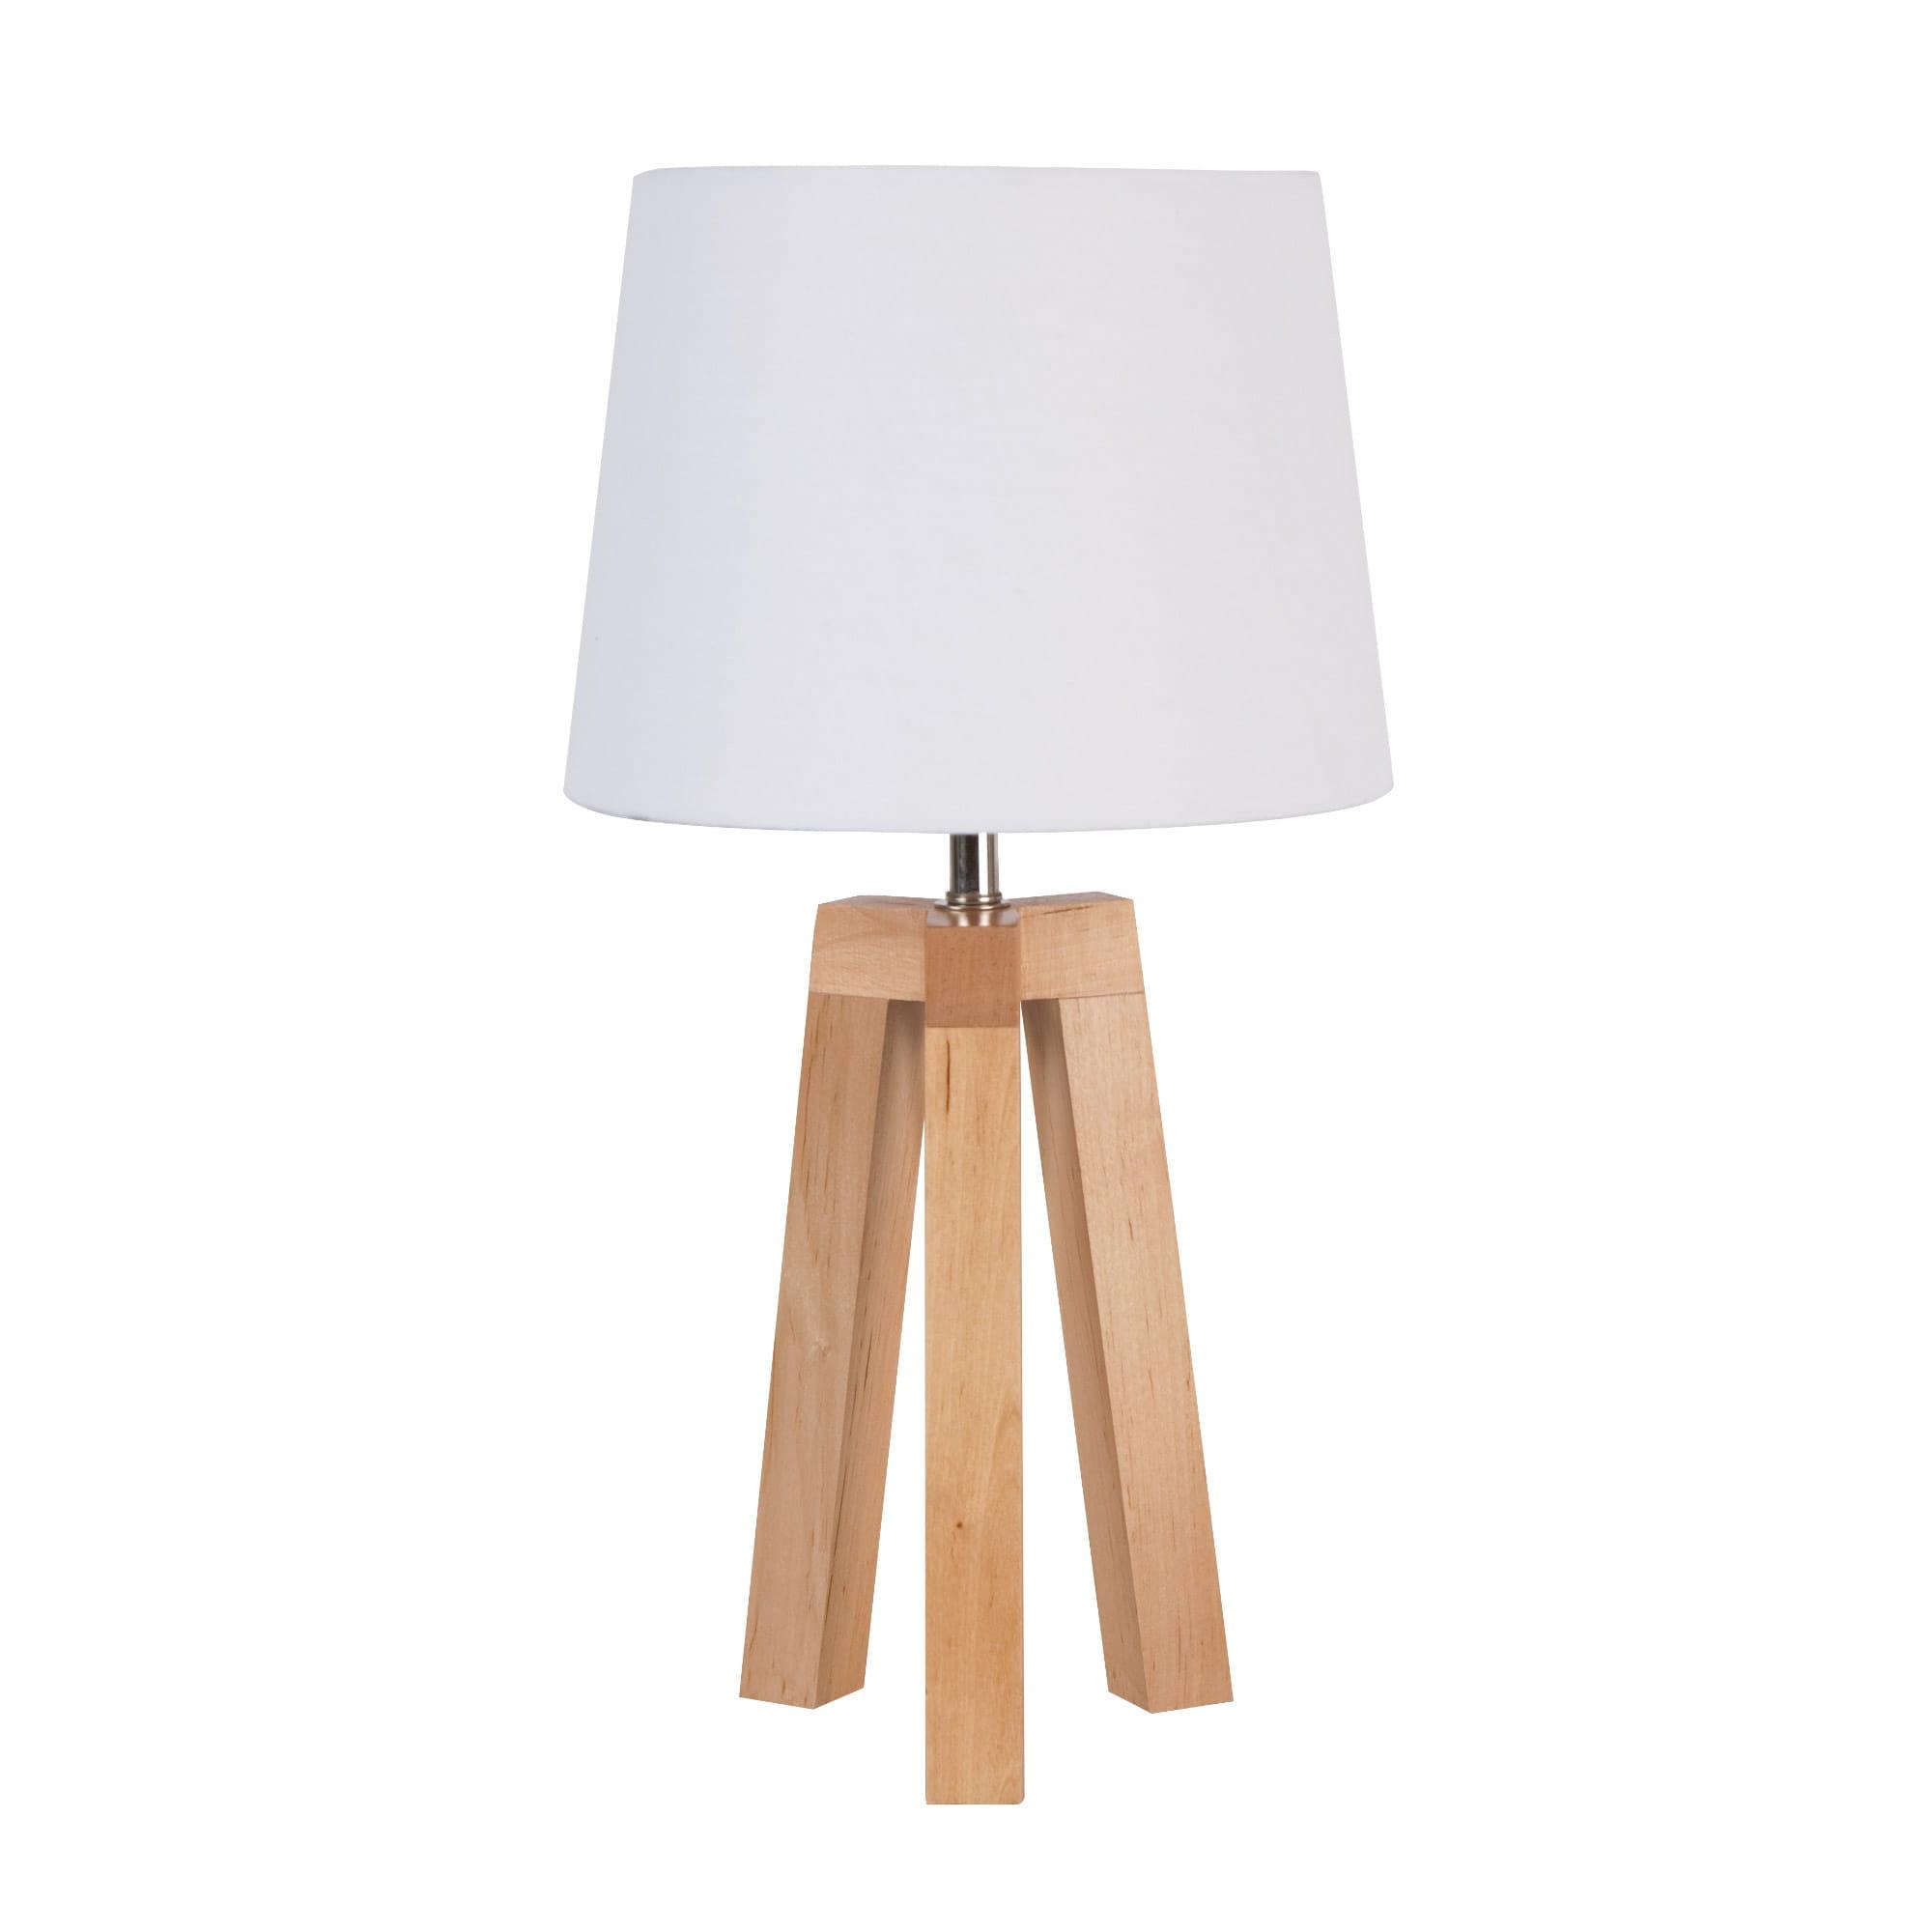 lampe stockholm par corep chez petit prix. Black Bedroom Furniture Sets. Home Design Ideas